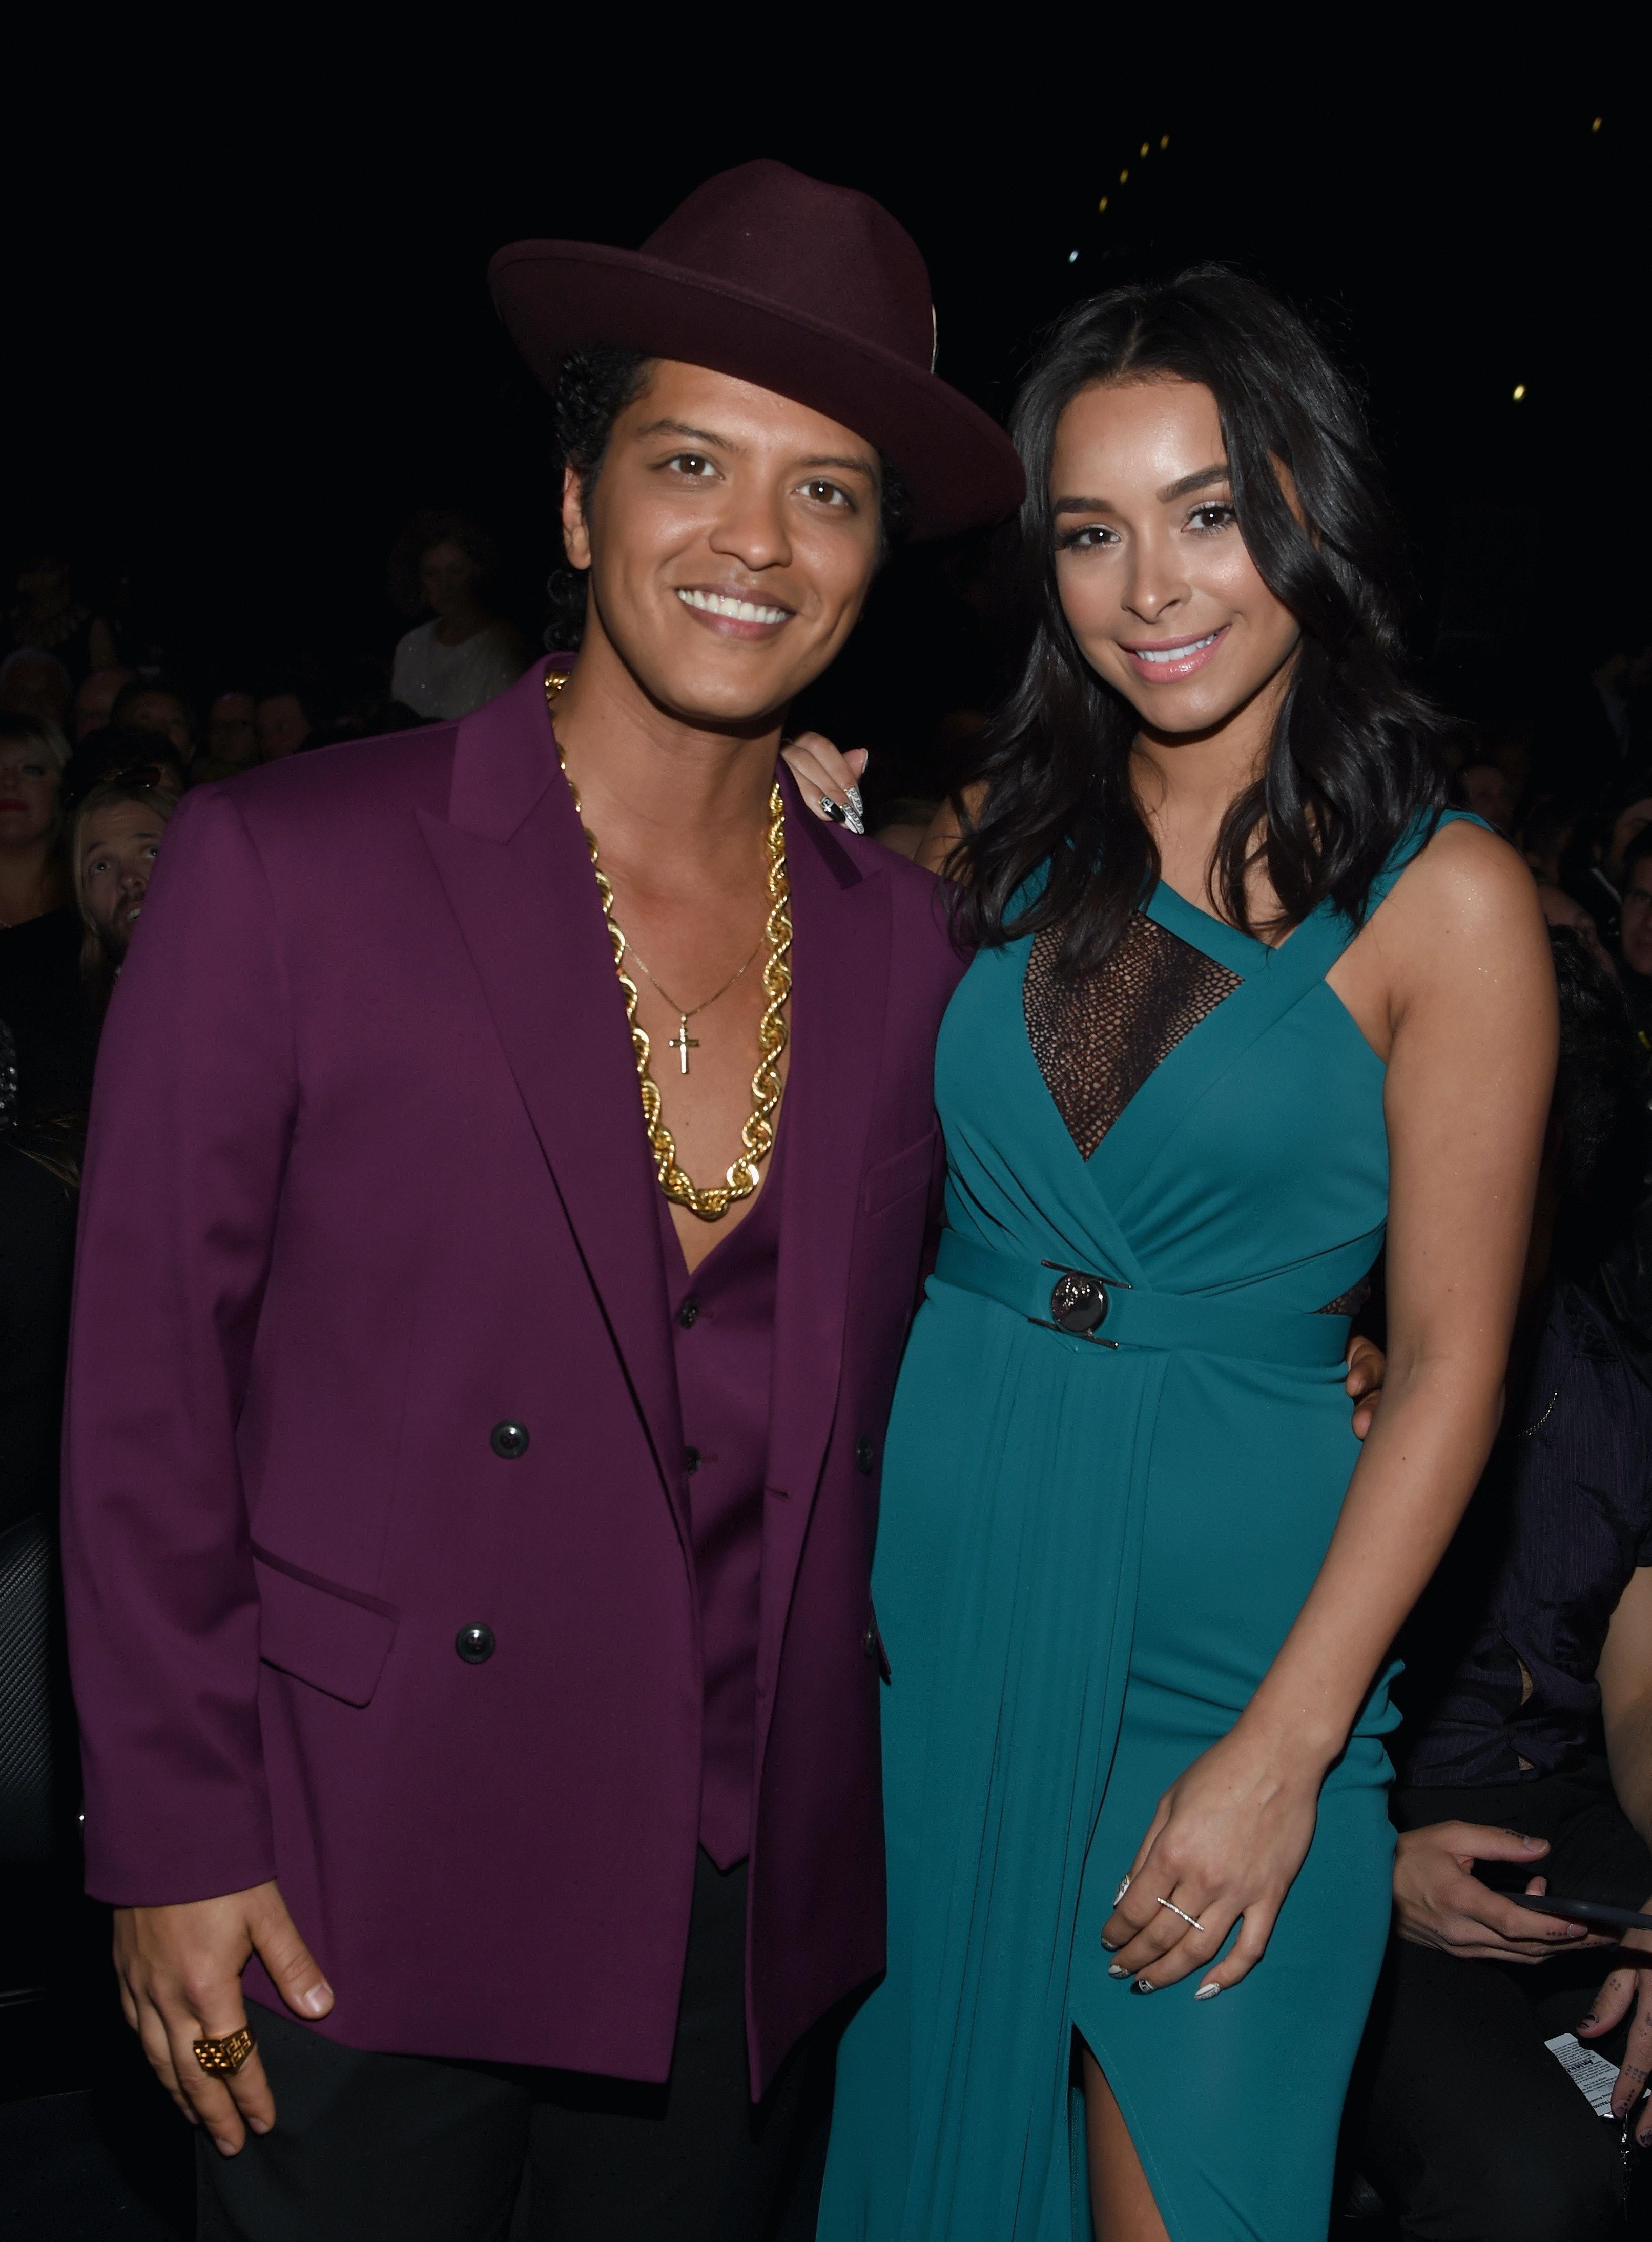 Bruno and Jessica